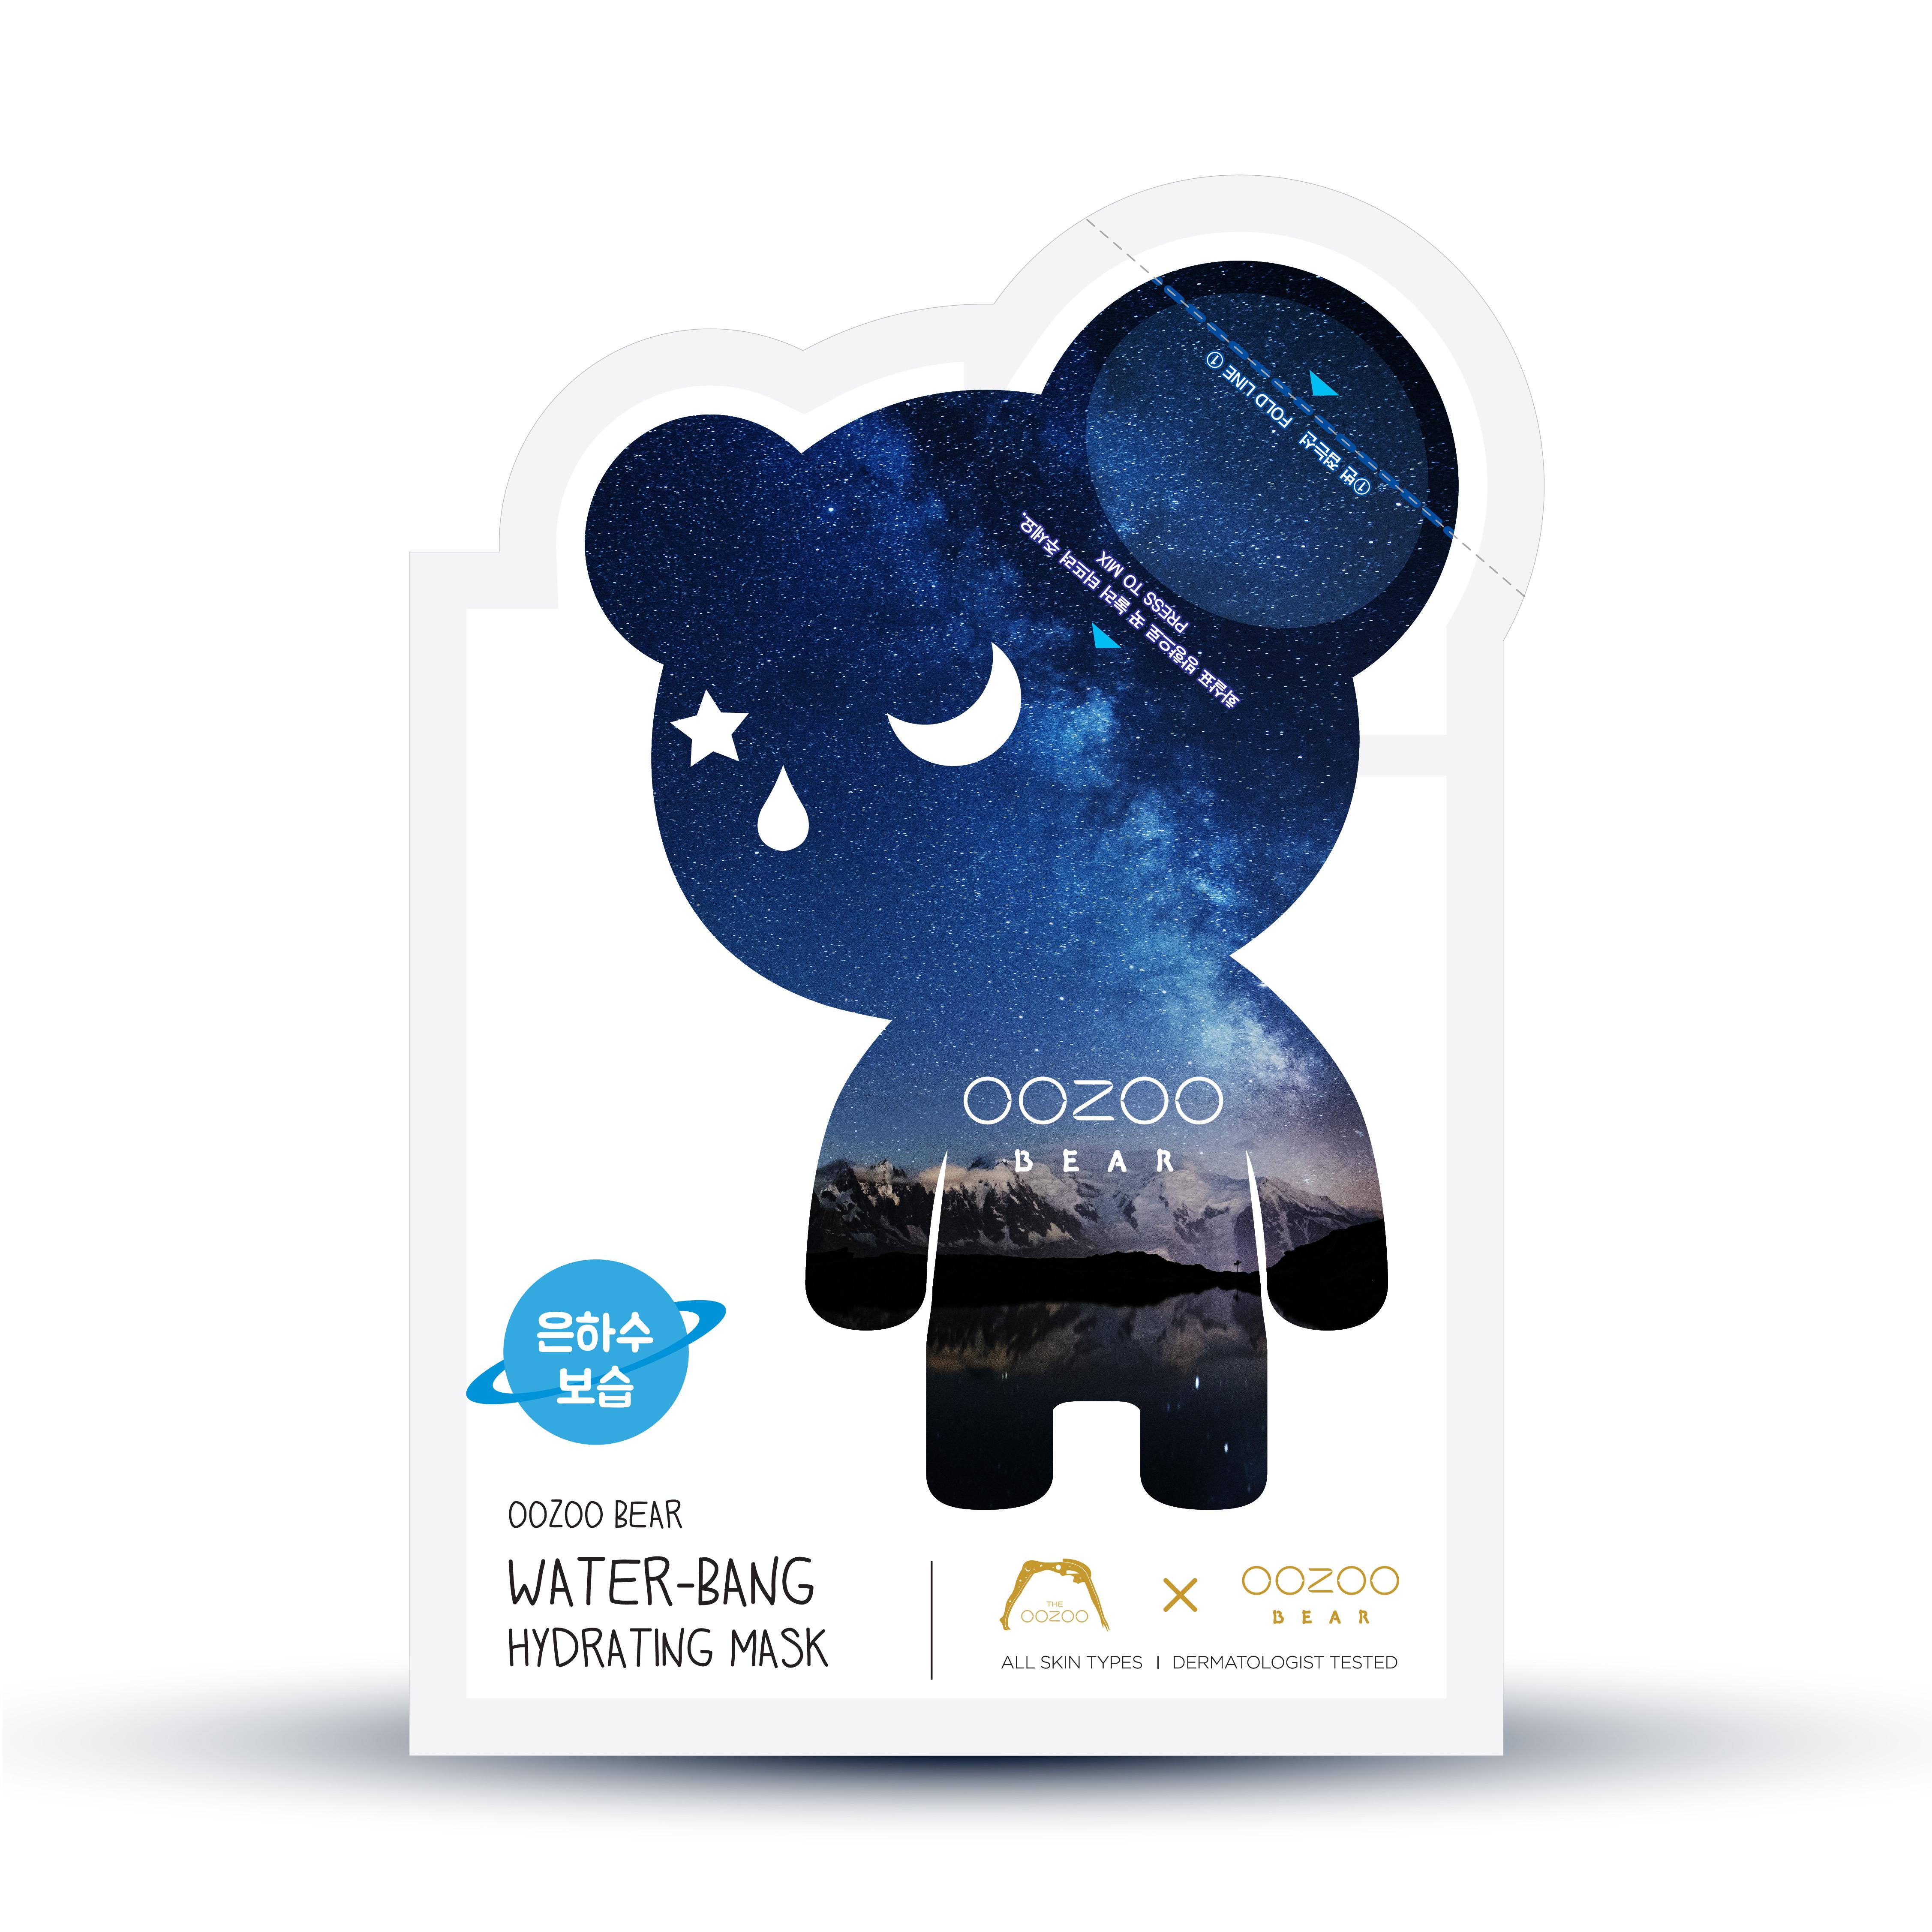 Mặt Nạ Tai Gấu Cấp Nước - Dưỡng Ẩm THE OOZOO Water-Bang Hydrating